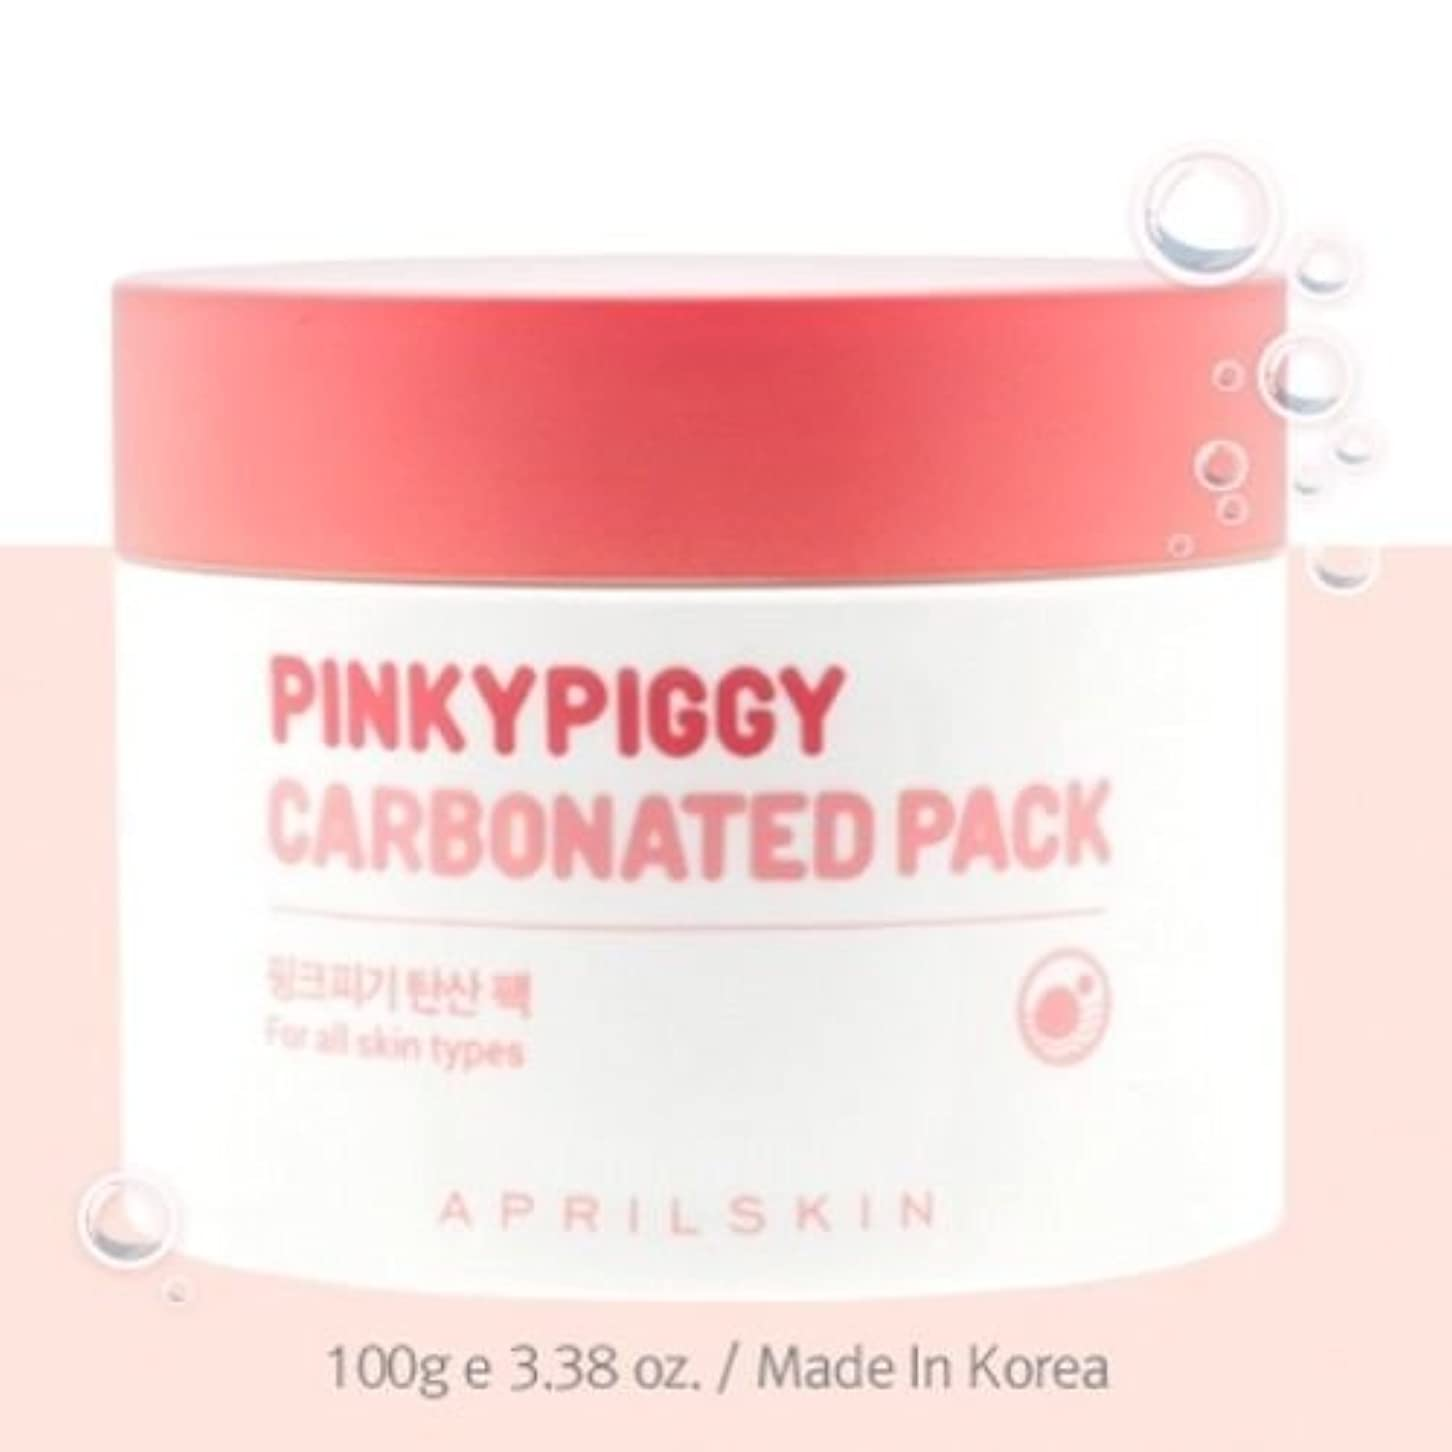 行く敬アセApril Skin Pinky Piggy Carbonated Pack 100g(3.38oz)/100% Authentic Direct from Korea [並行輸入品]